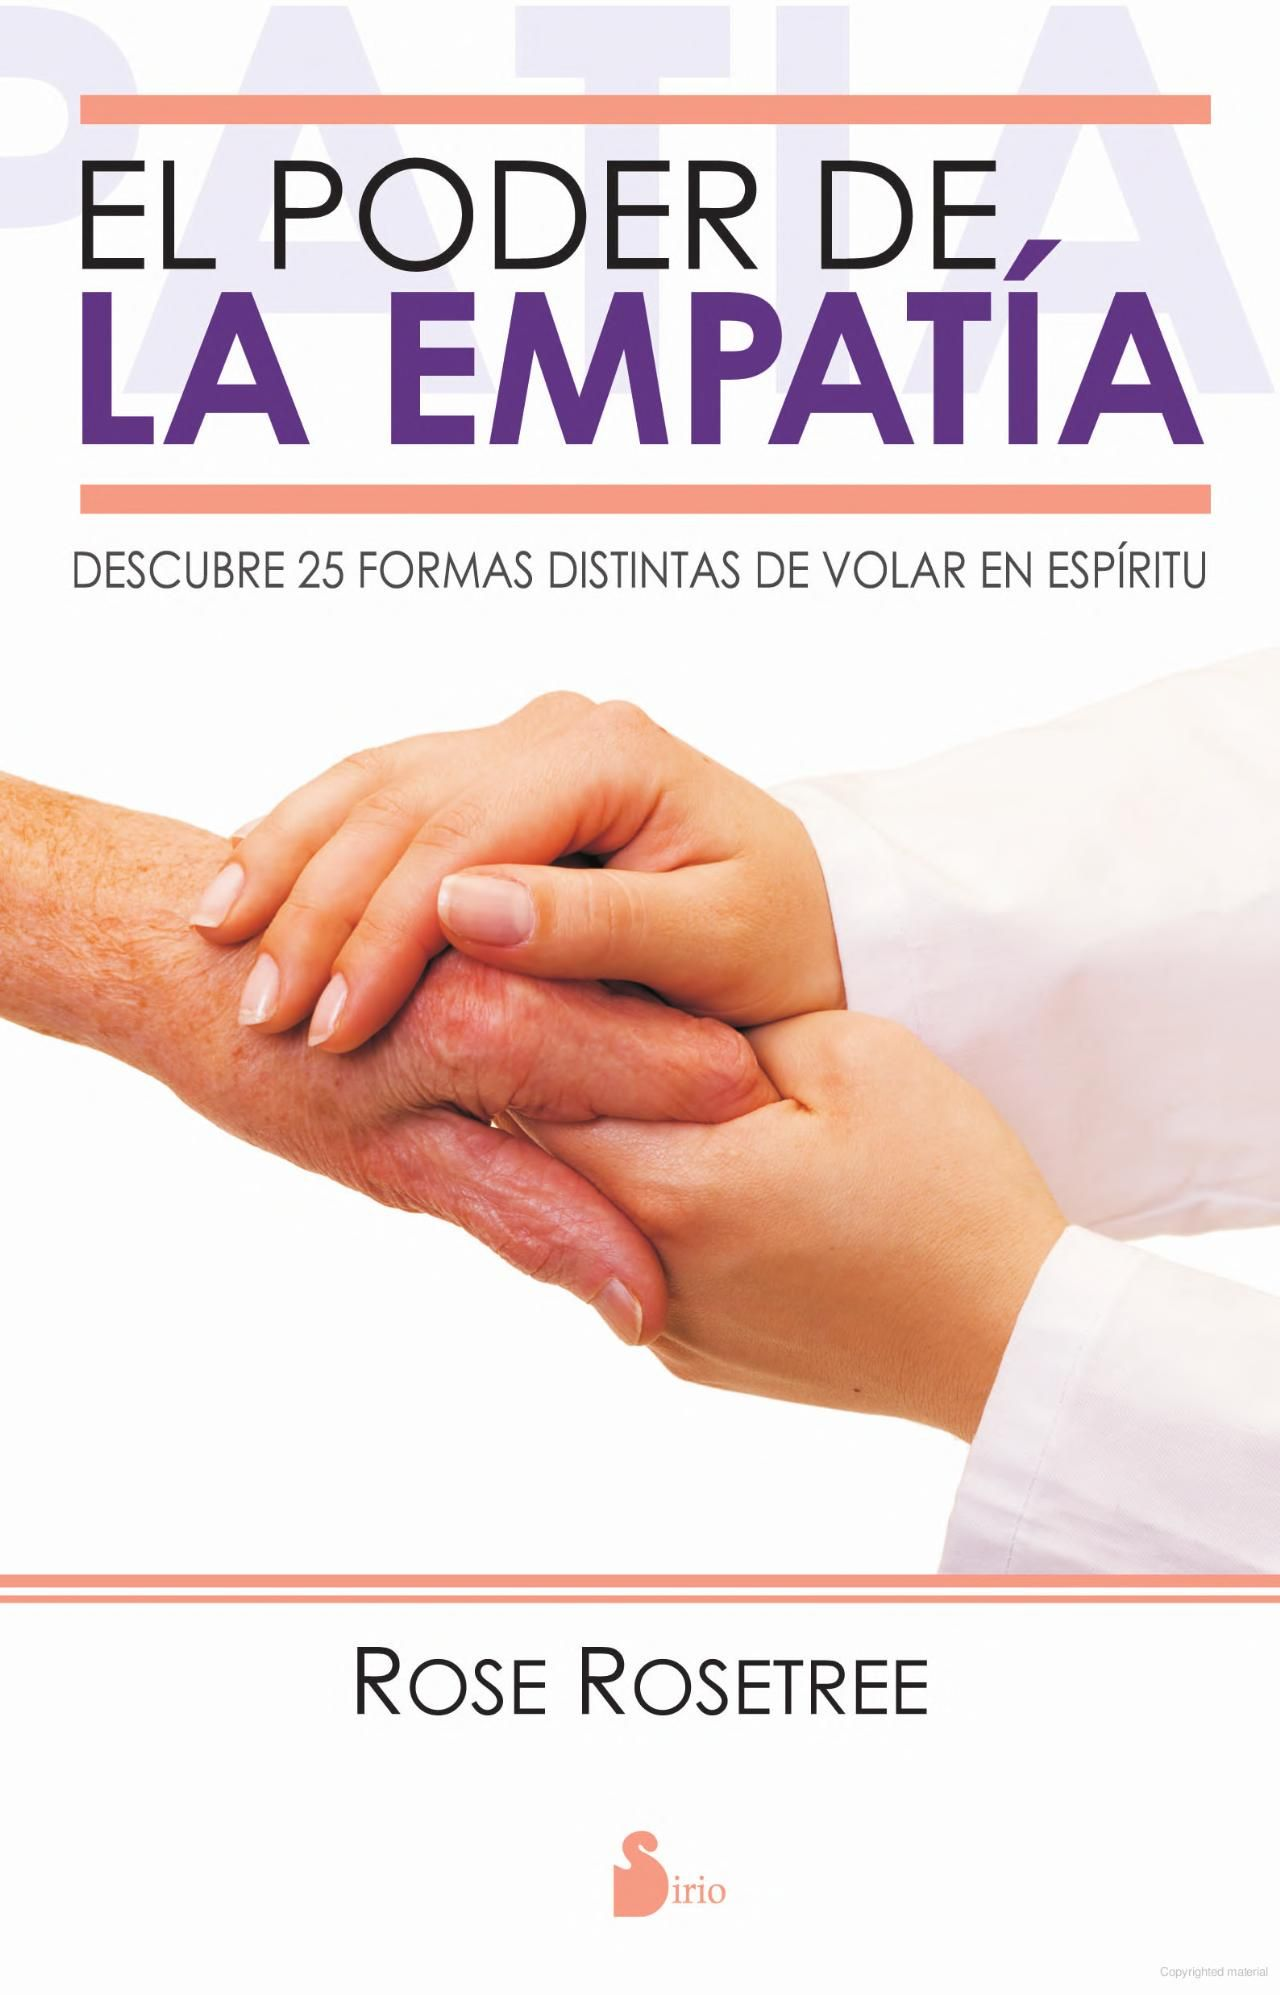 El Poder de la Empatia